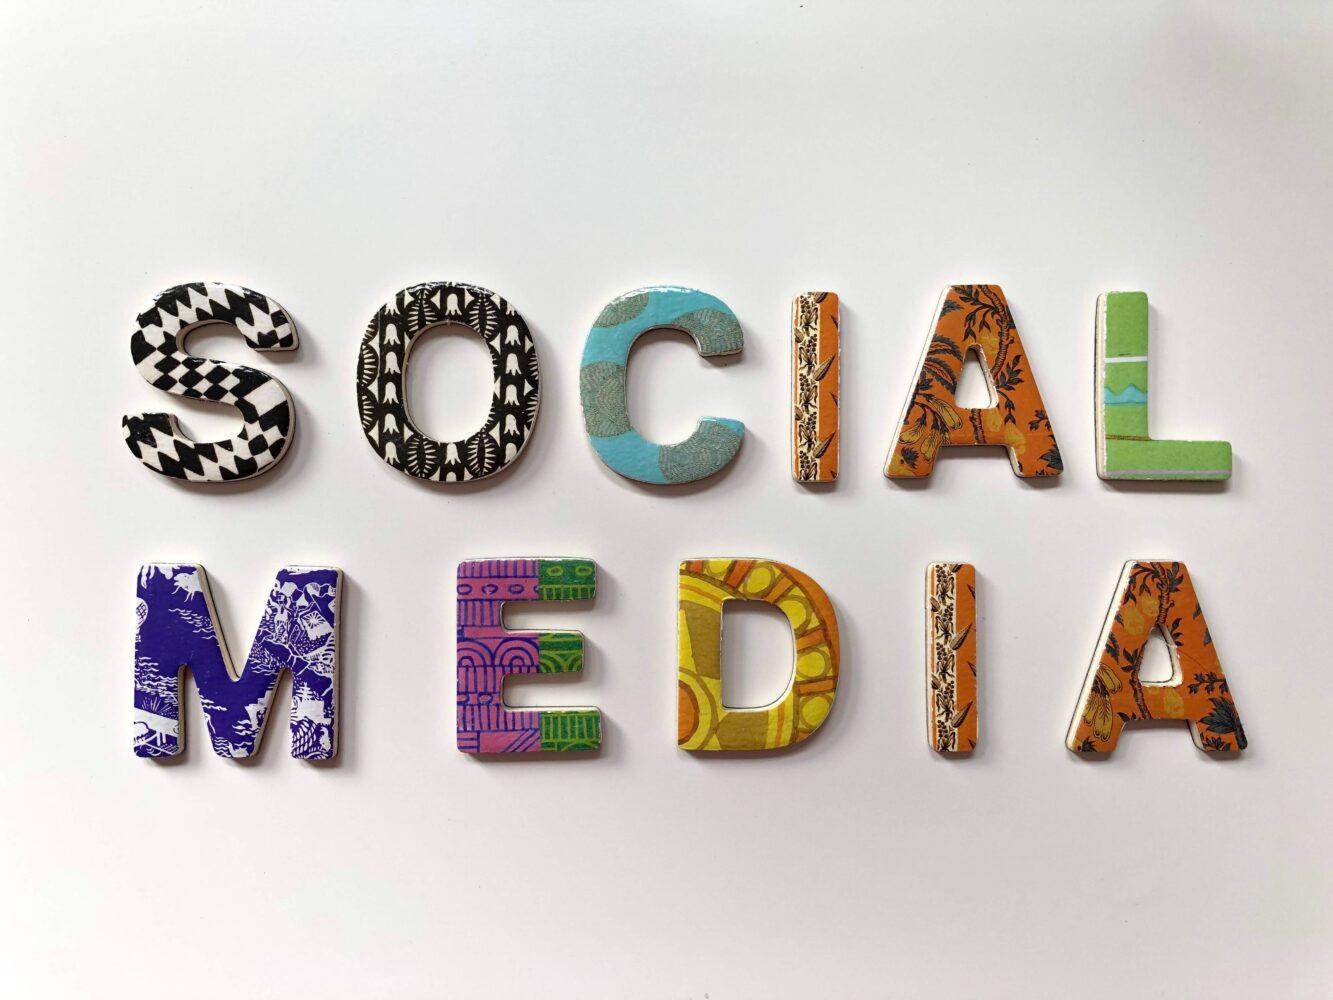 Het Gezinsleven - Lifestyle - Mindset - Social media detox: 10 praktische tips - Het woord social media